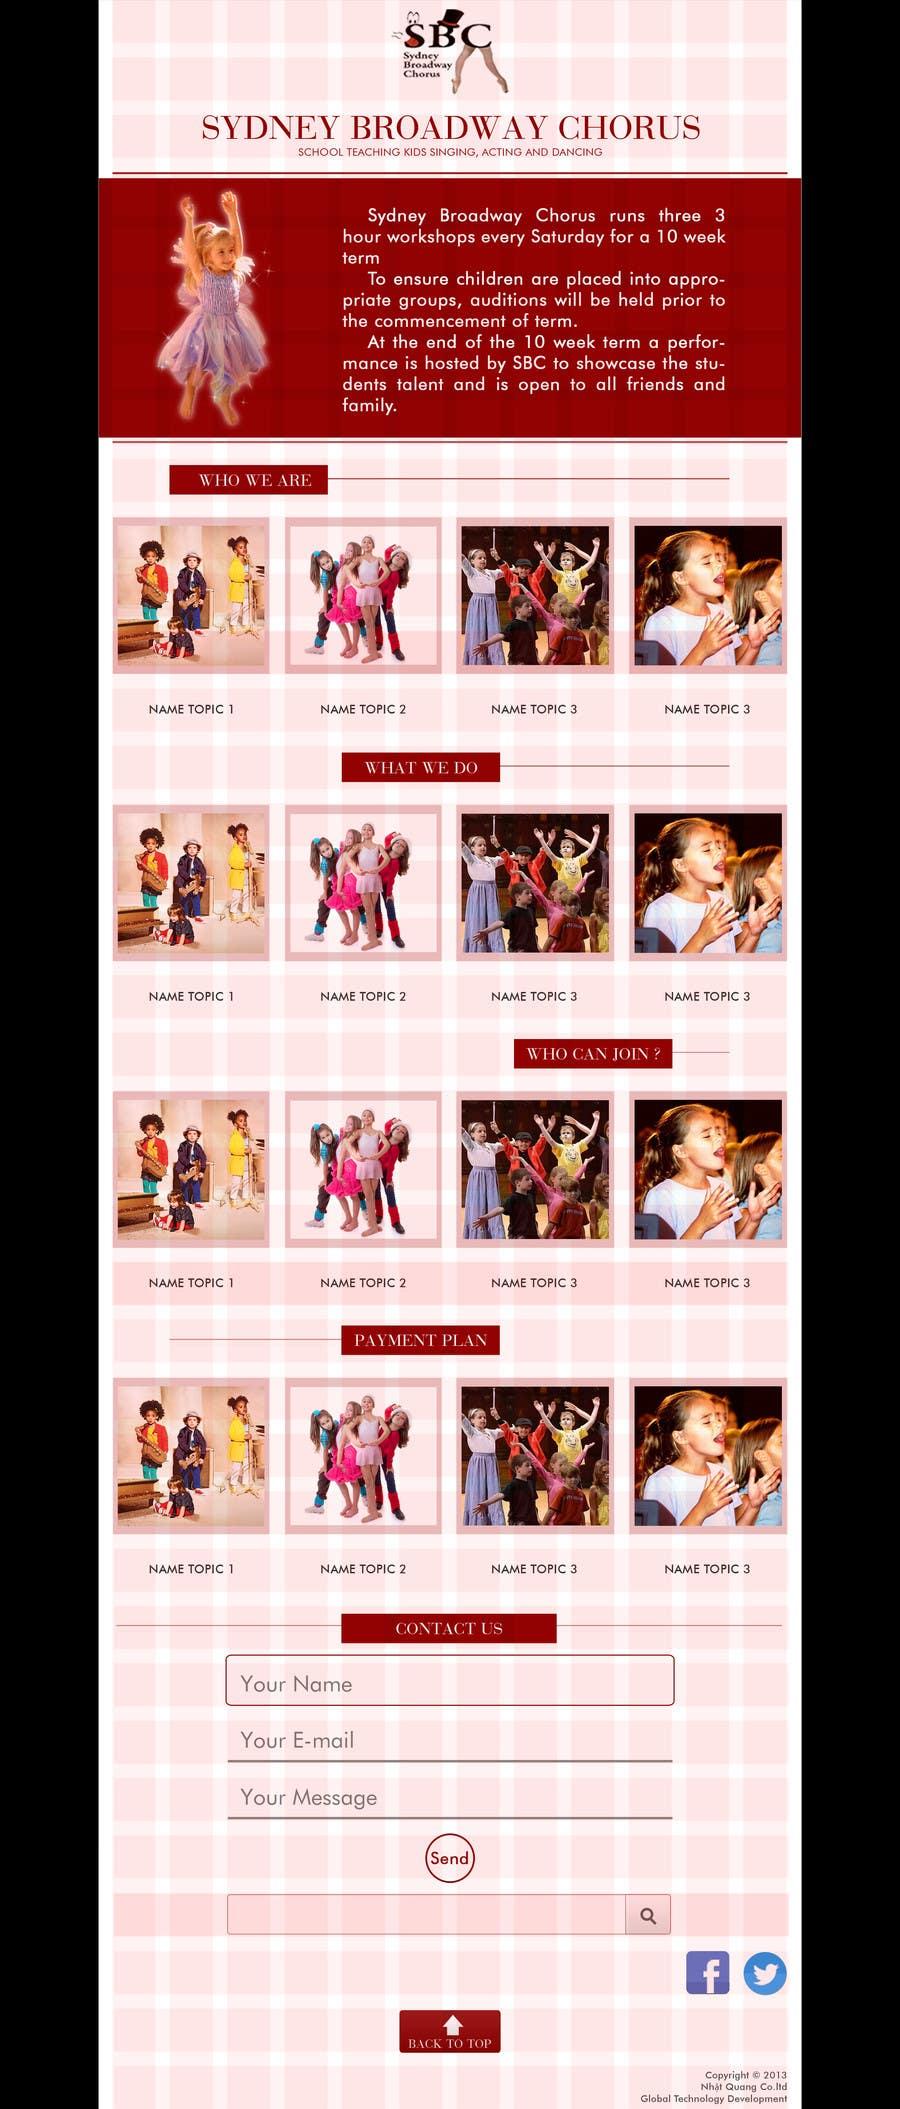 Bài tham dự cuộc thi #                                        10                                      cho                                         www.sydneybroadwaychorus.com